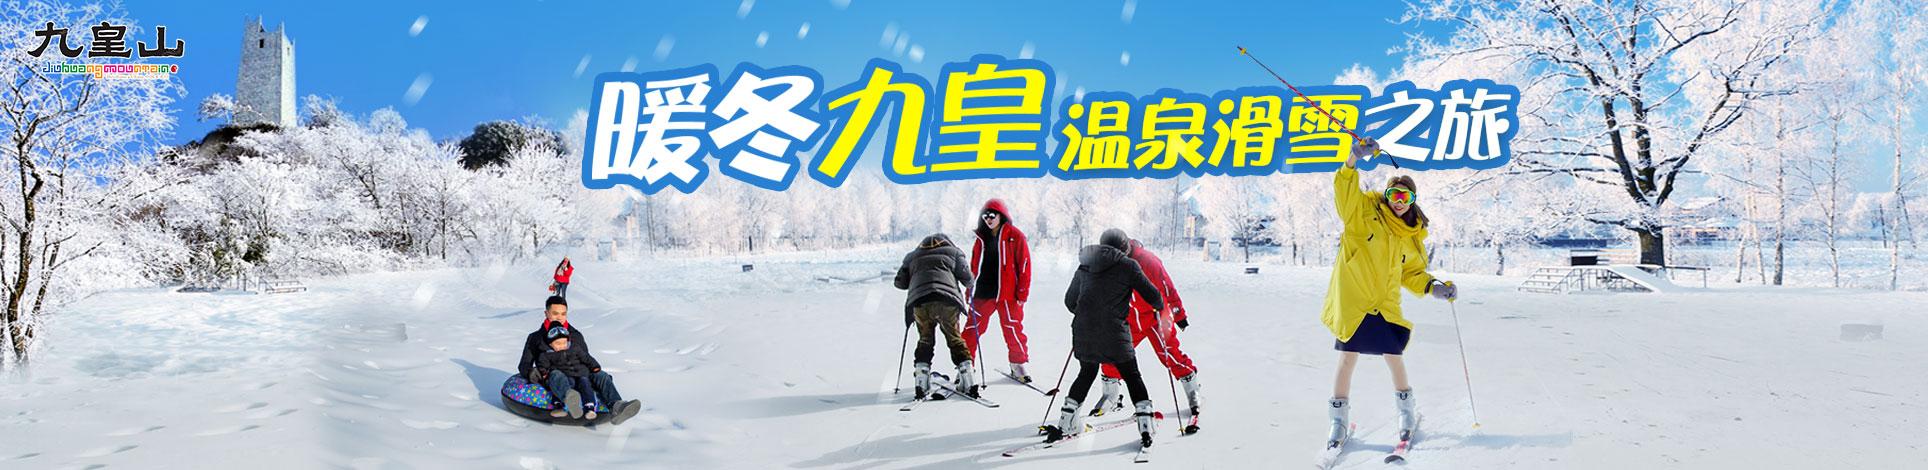 暖冬雷竞技平局怎么办